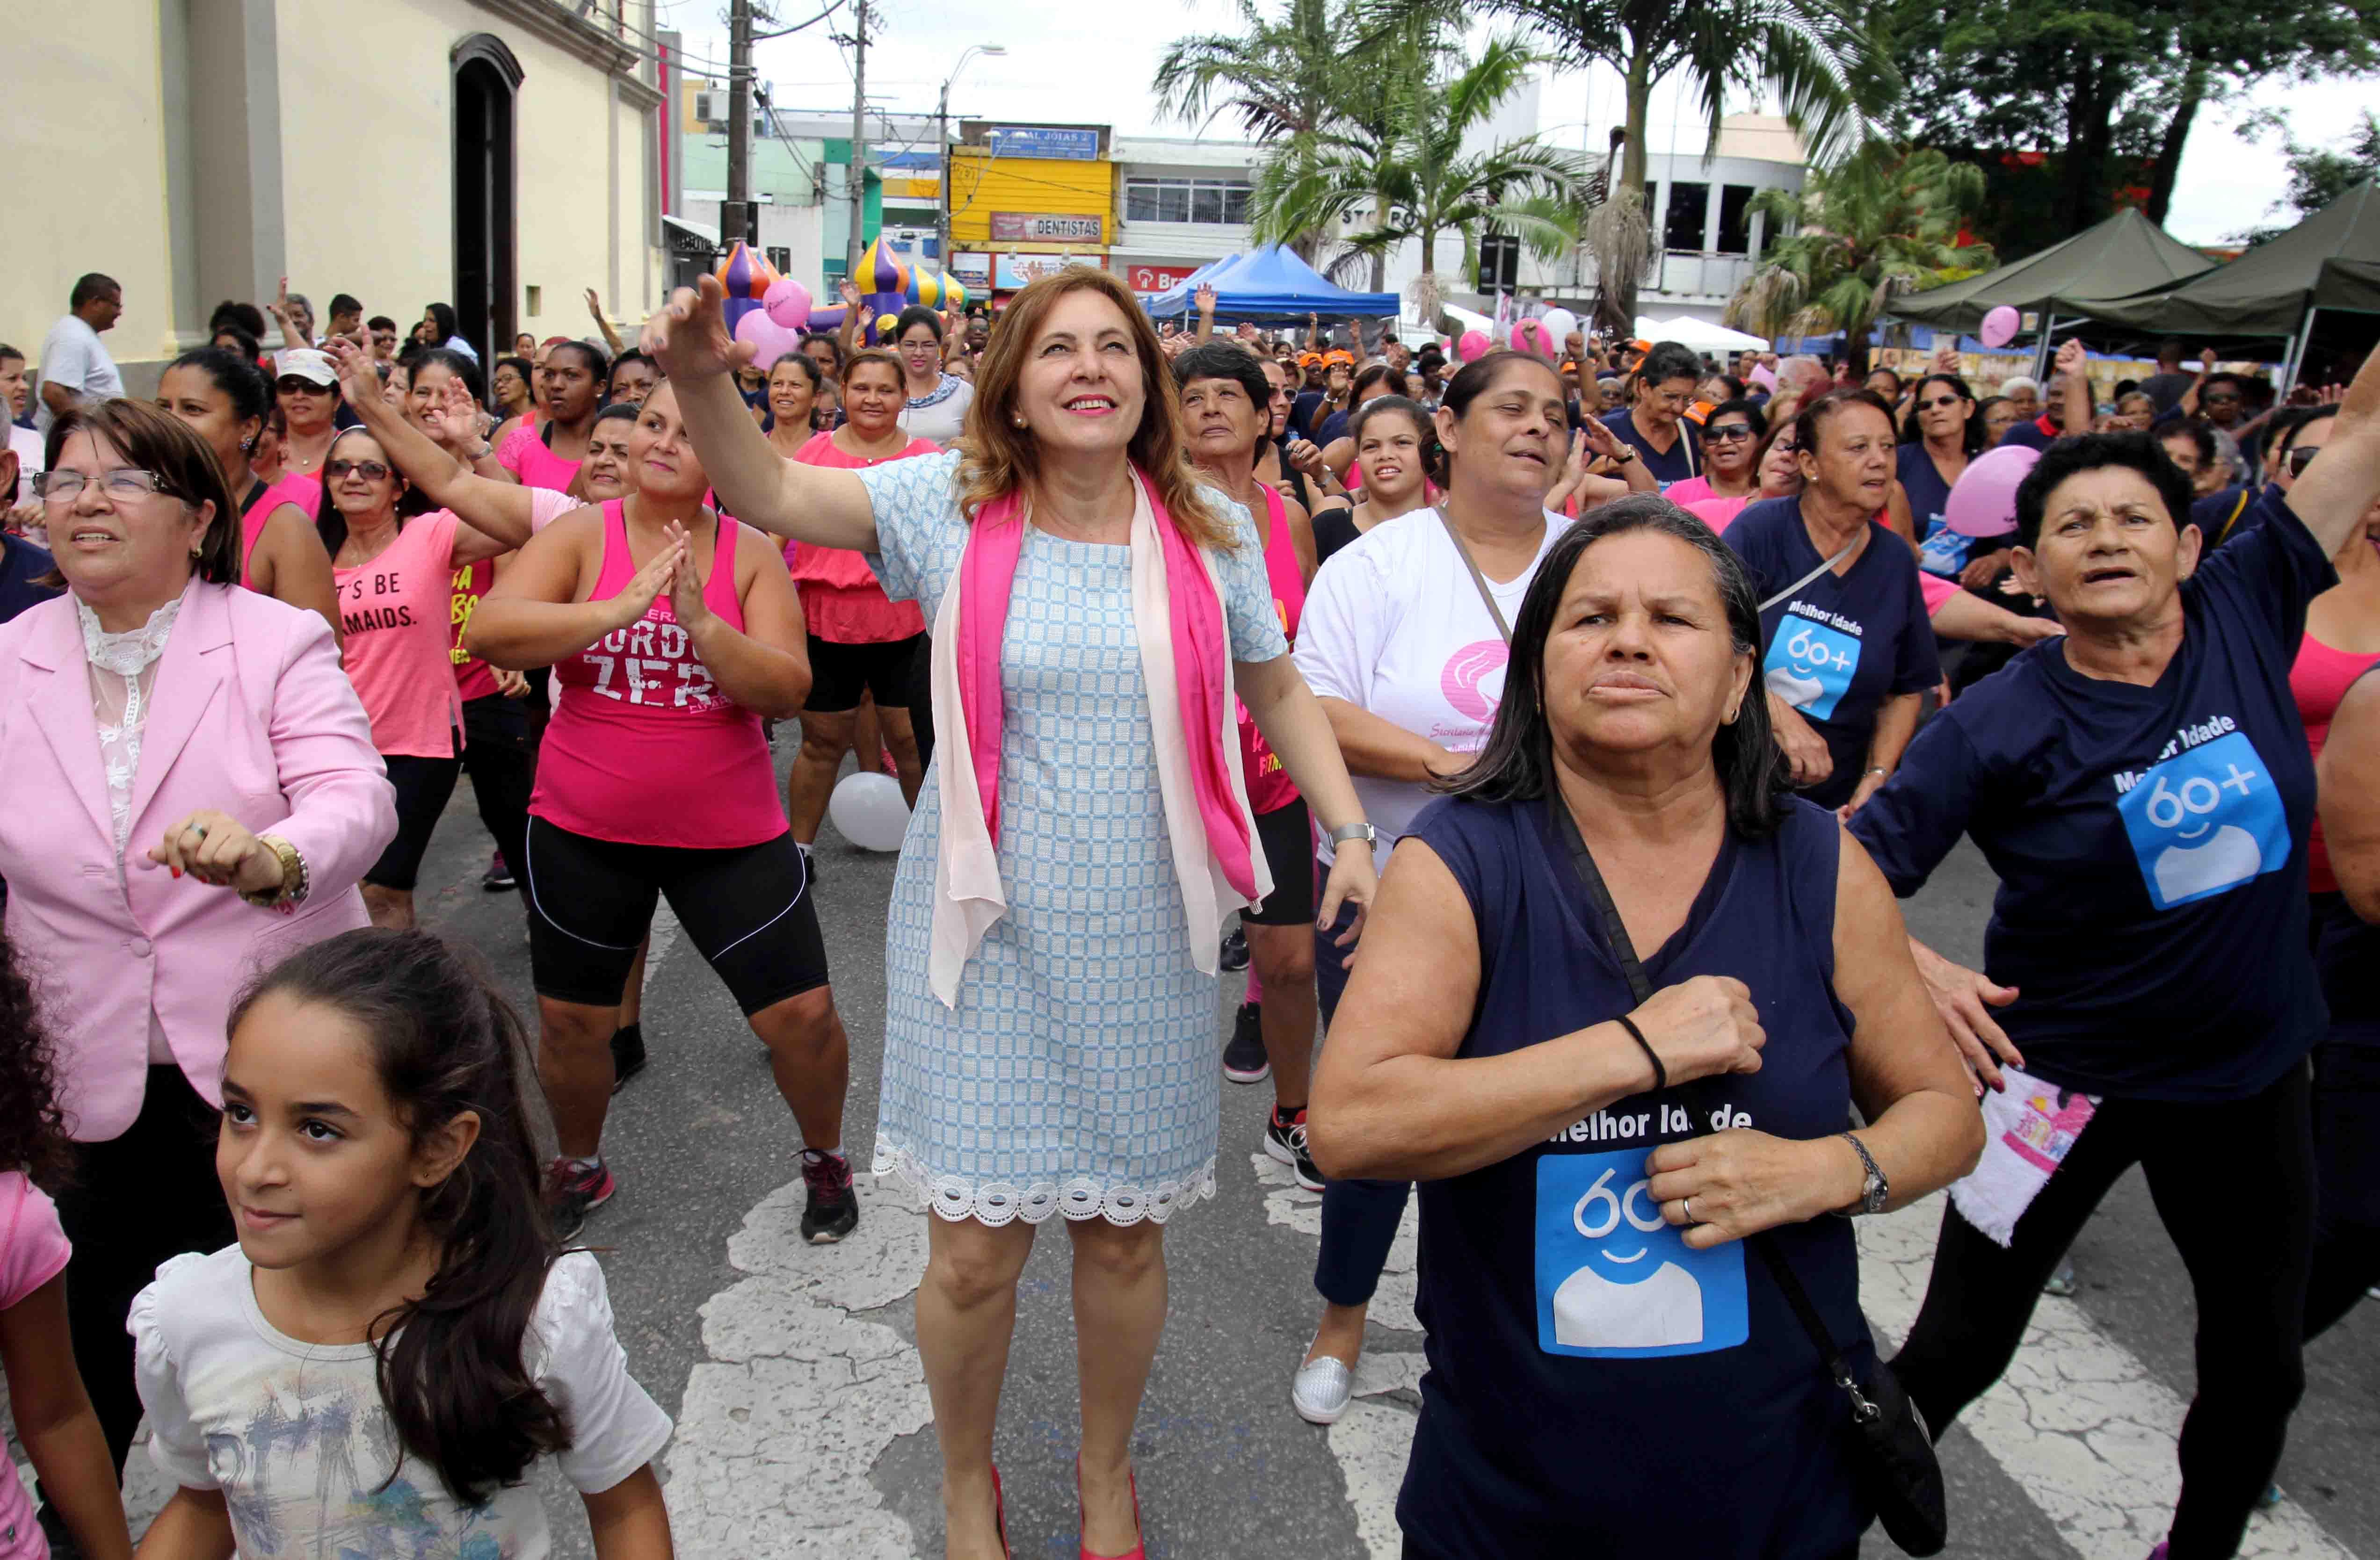 f7639f6b7ce Ação Social de Dia da Mulher reúne mais de 2 mil pessoas em Itaquaquecetuba